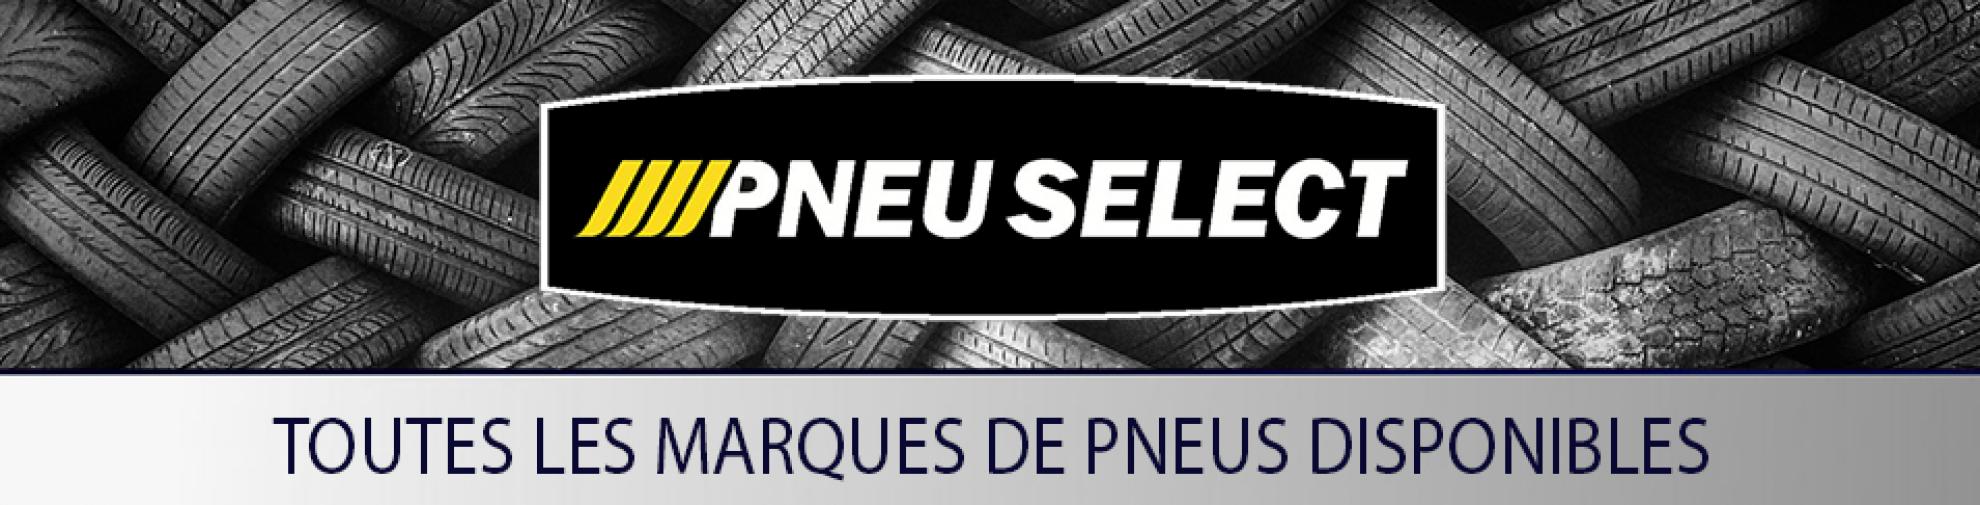 banniere-pneus.png